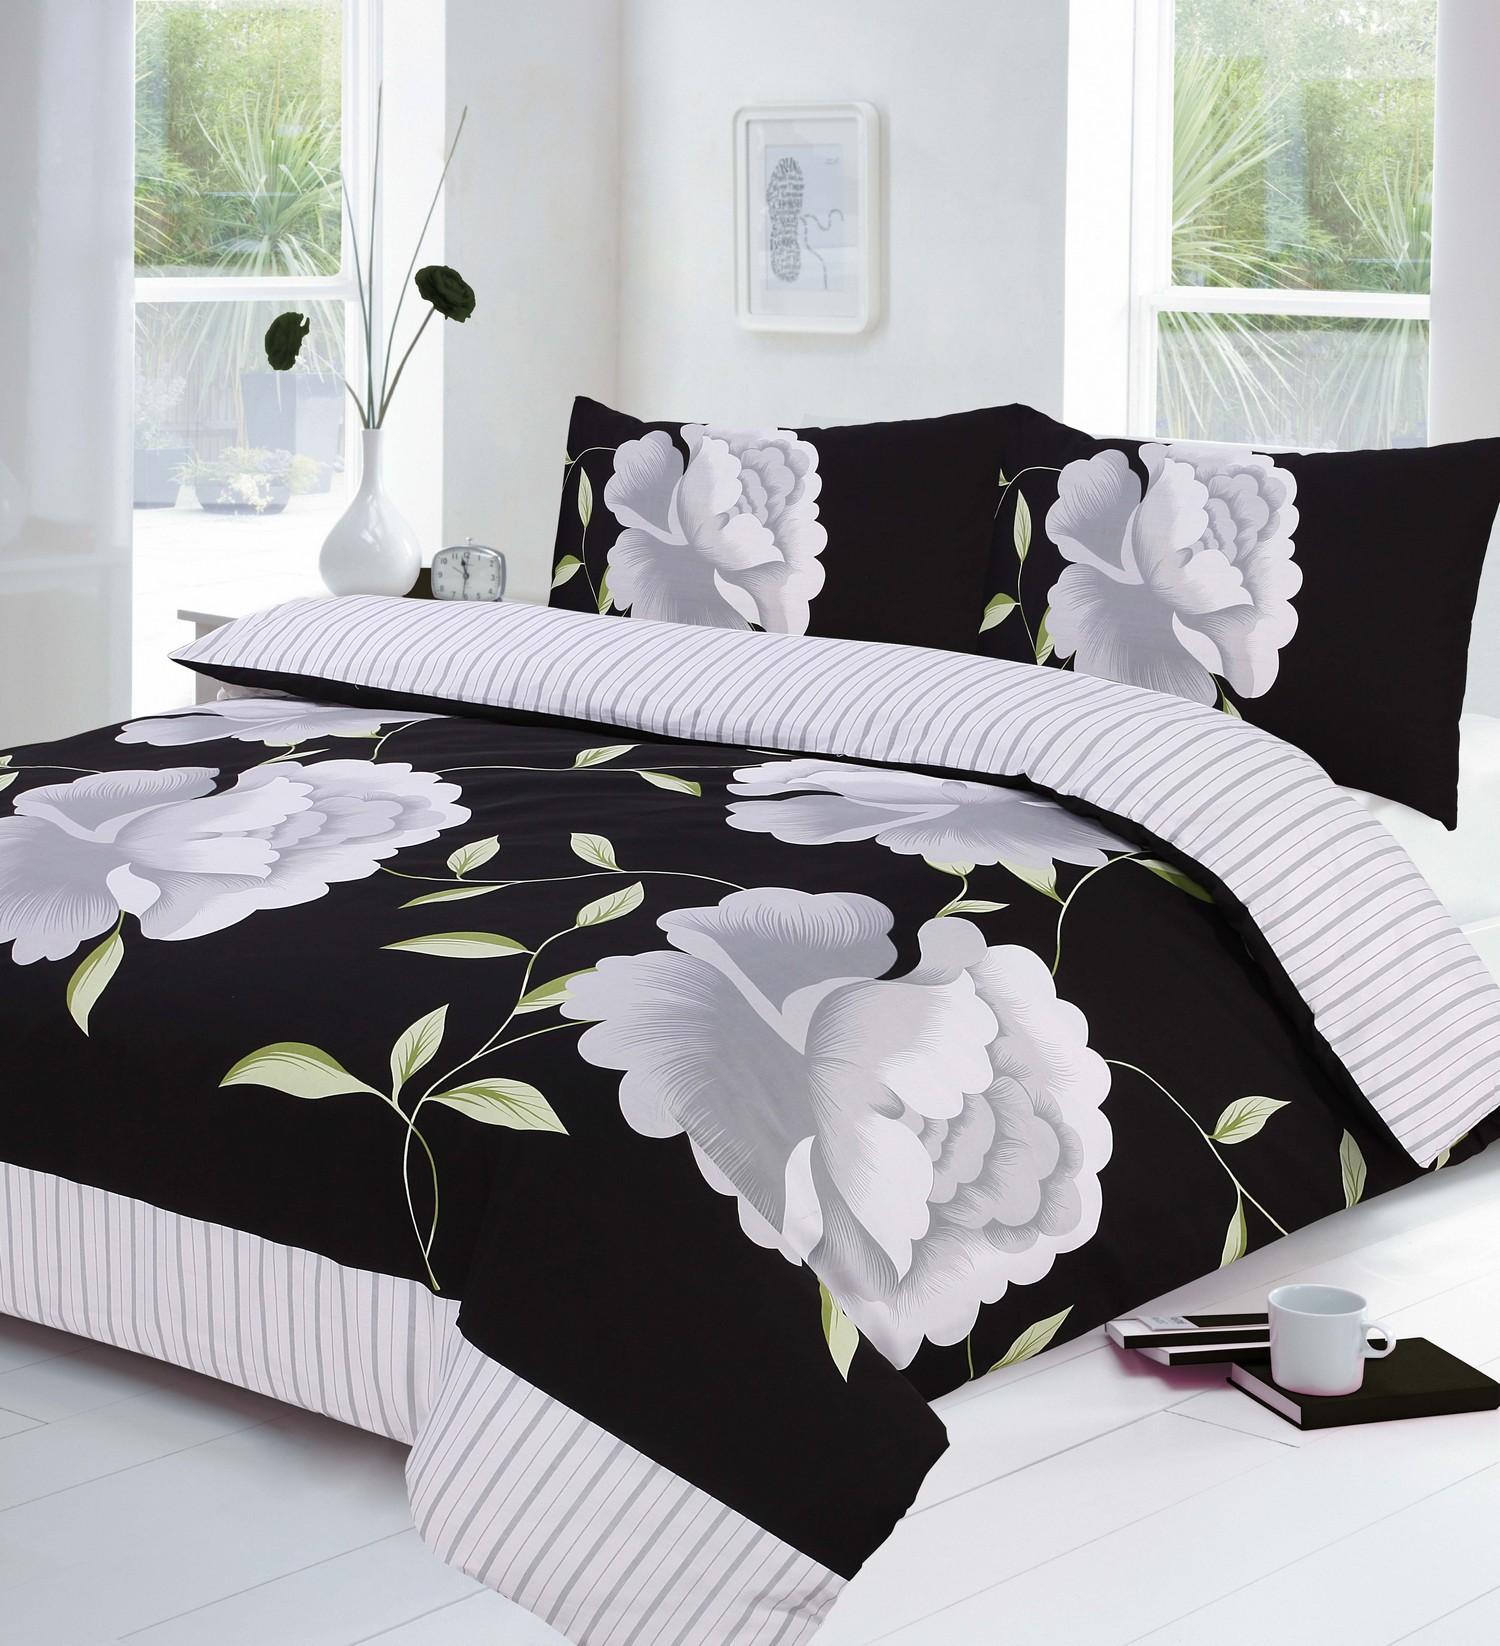 floral black grey white duvet quilt cover p case bedding bed sets polycotton ebay. Black Bedroom Furniture Sets. Home Design Ideas